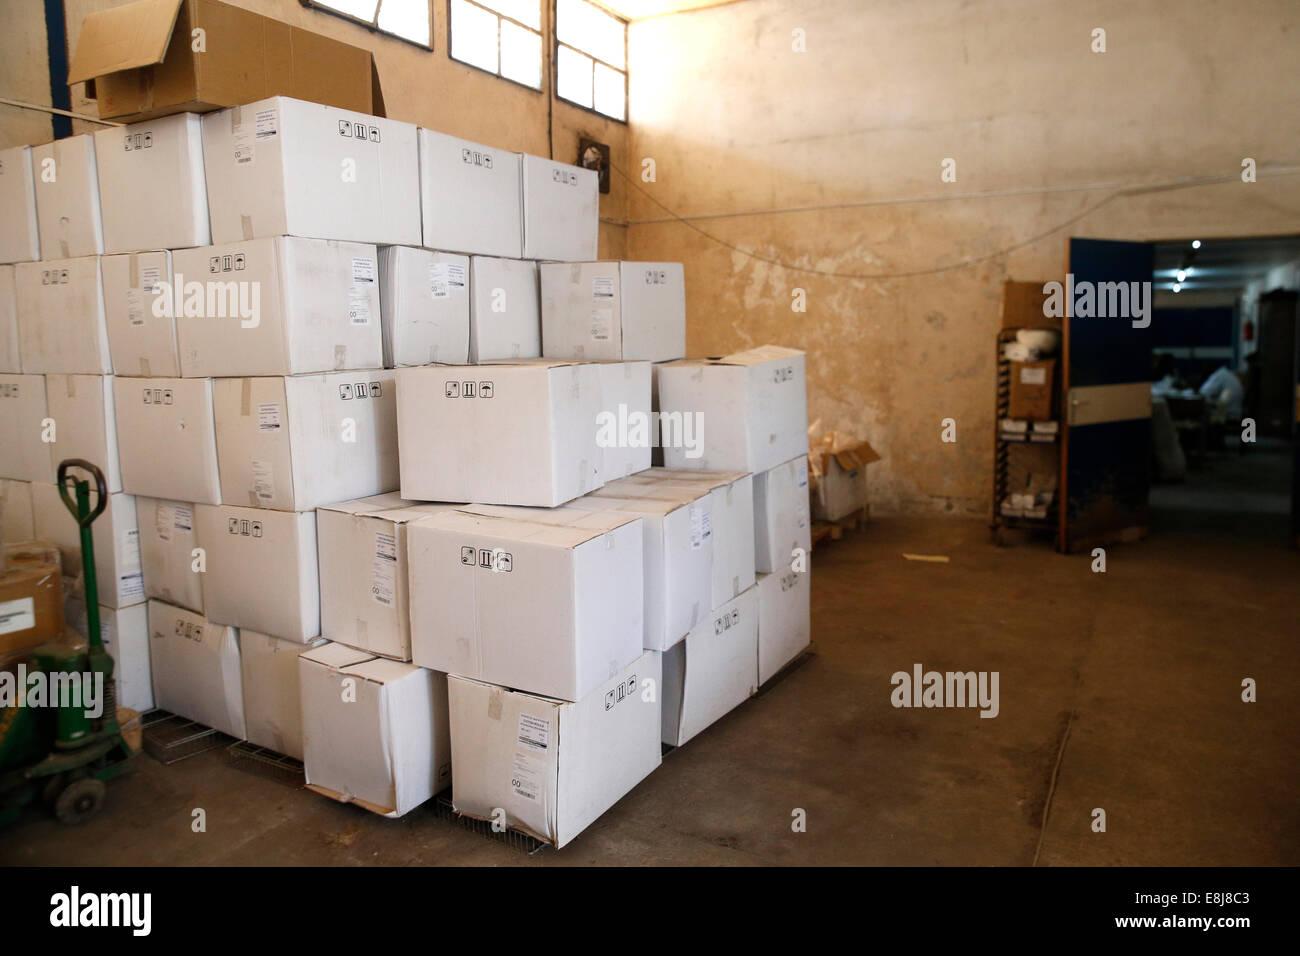 Brazzaville-Krankenhaus. Medizinische Versorgung-Lager. Stockbild